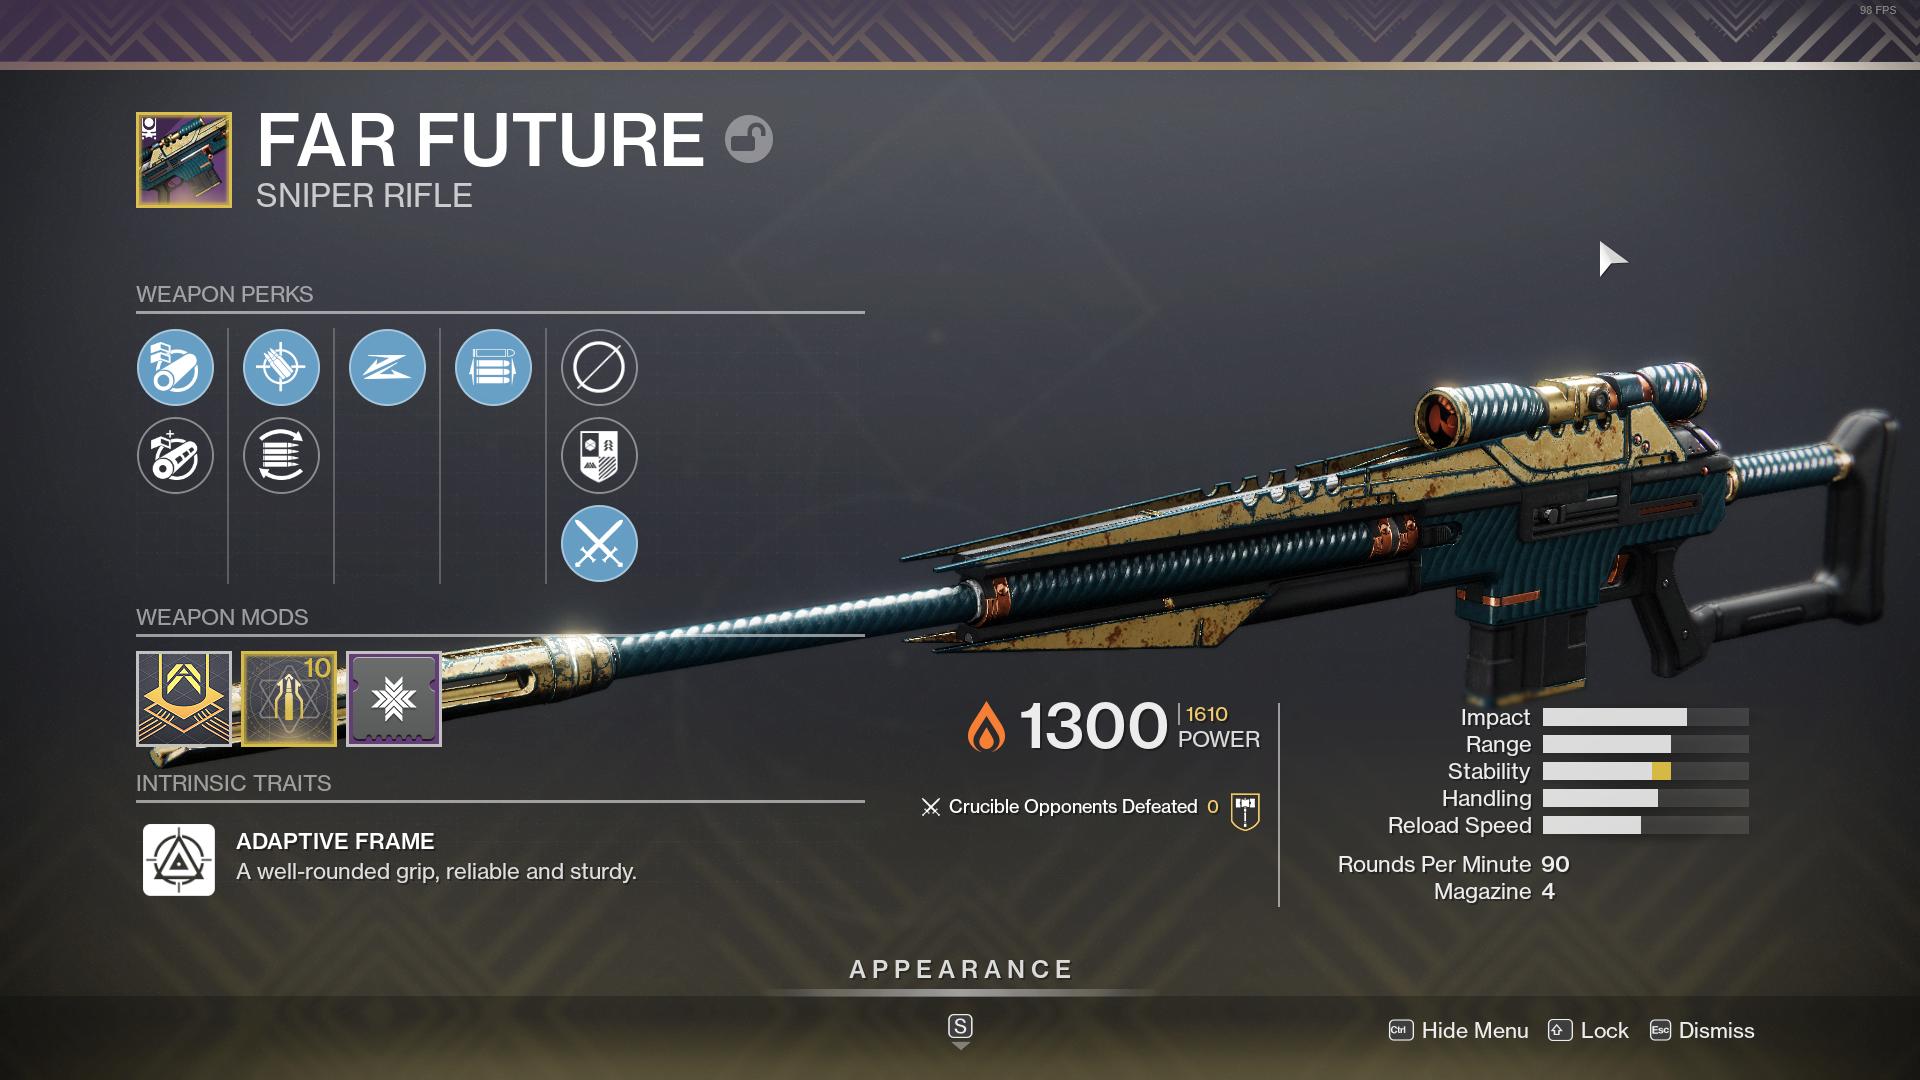 Destiny 2 Far Future God Rolls